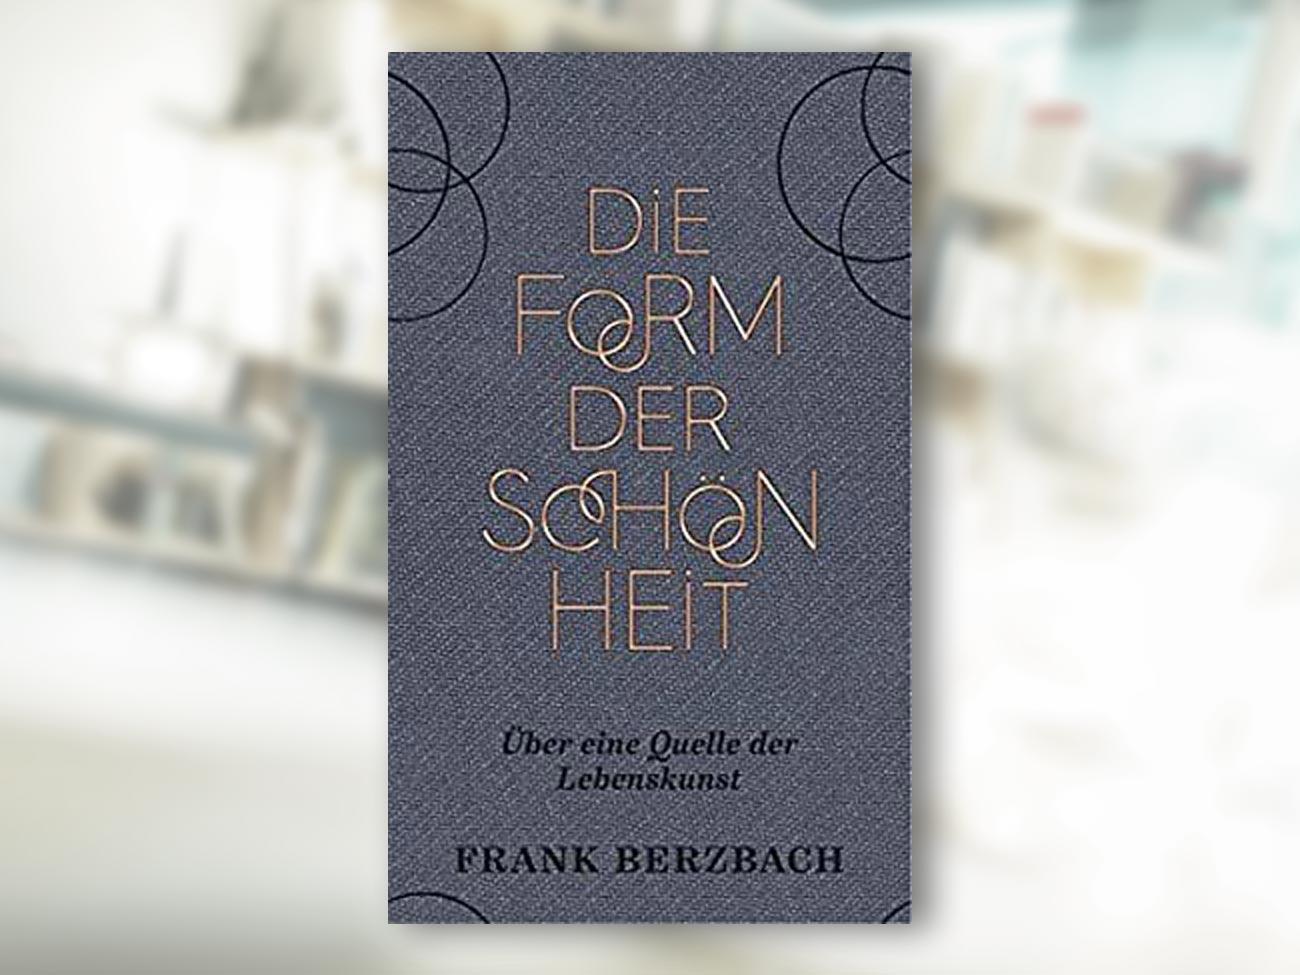 Frank Berzbach, Die Form der Schönheit